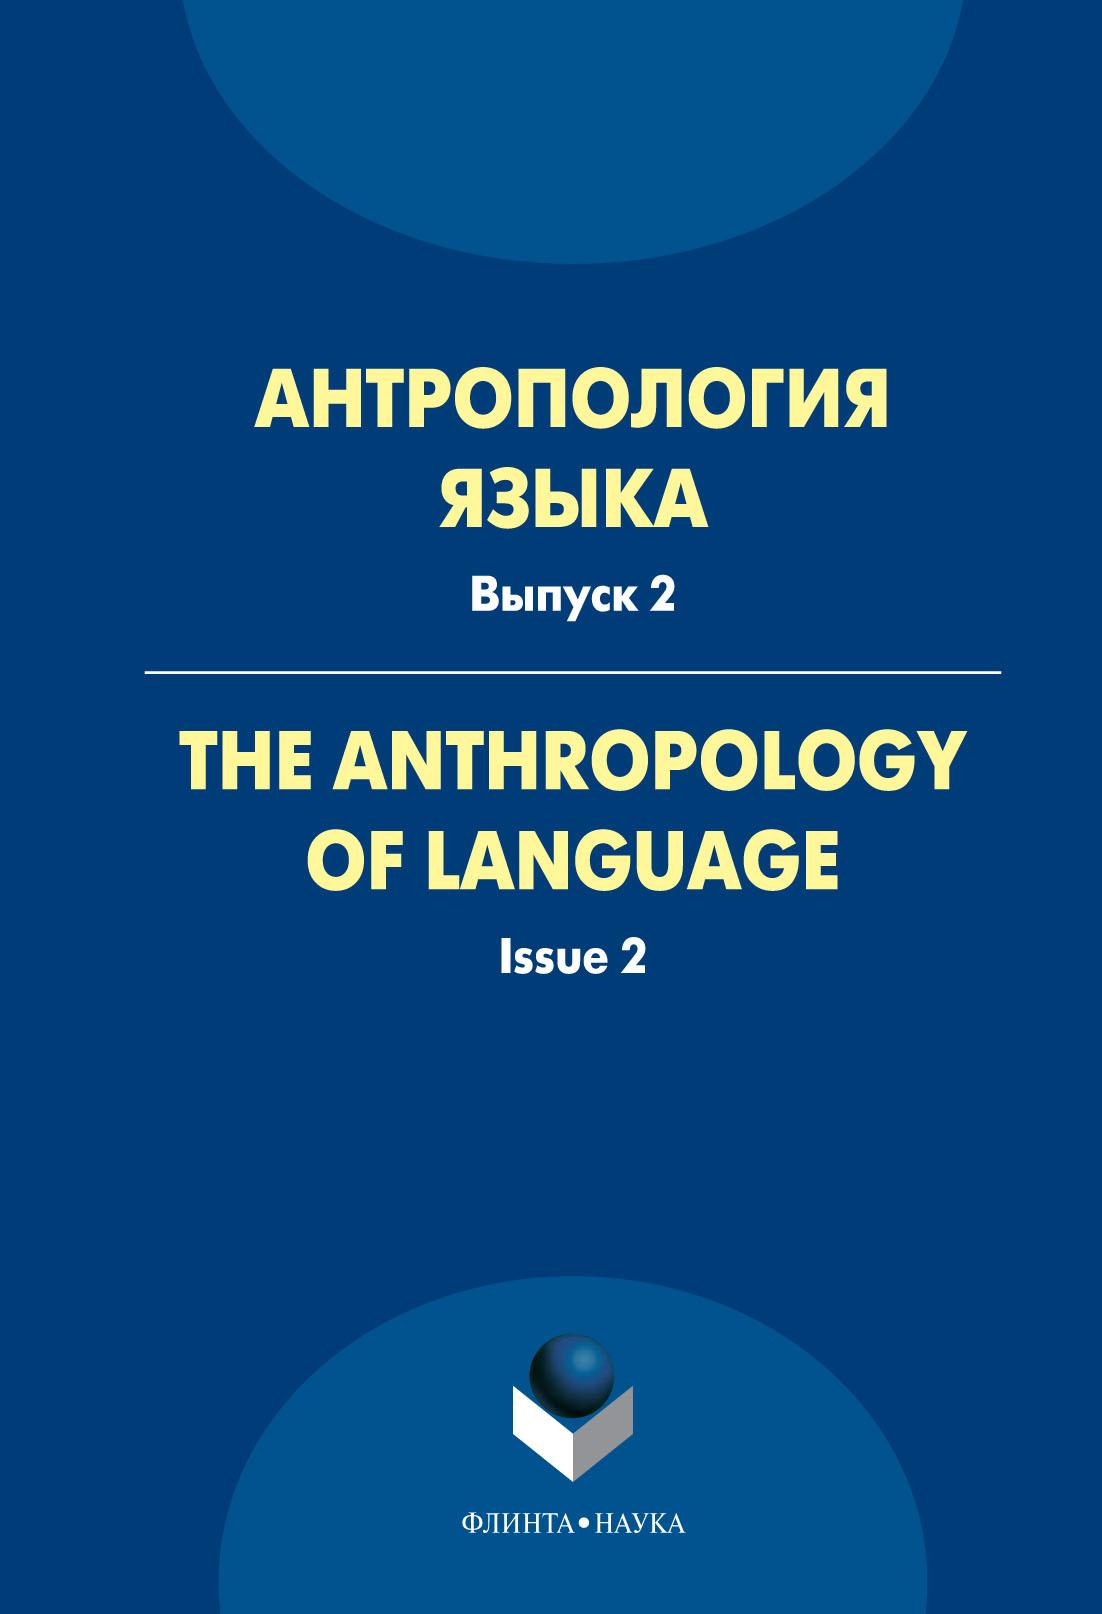 Сборник статей Антропология языка. The Anthropology of Language. Выпуск 2